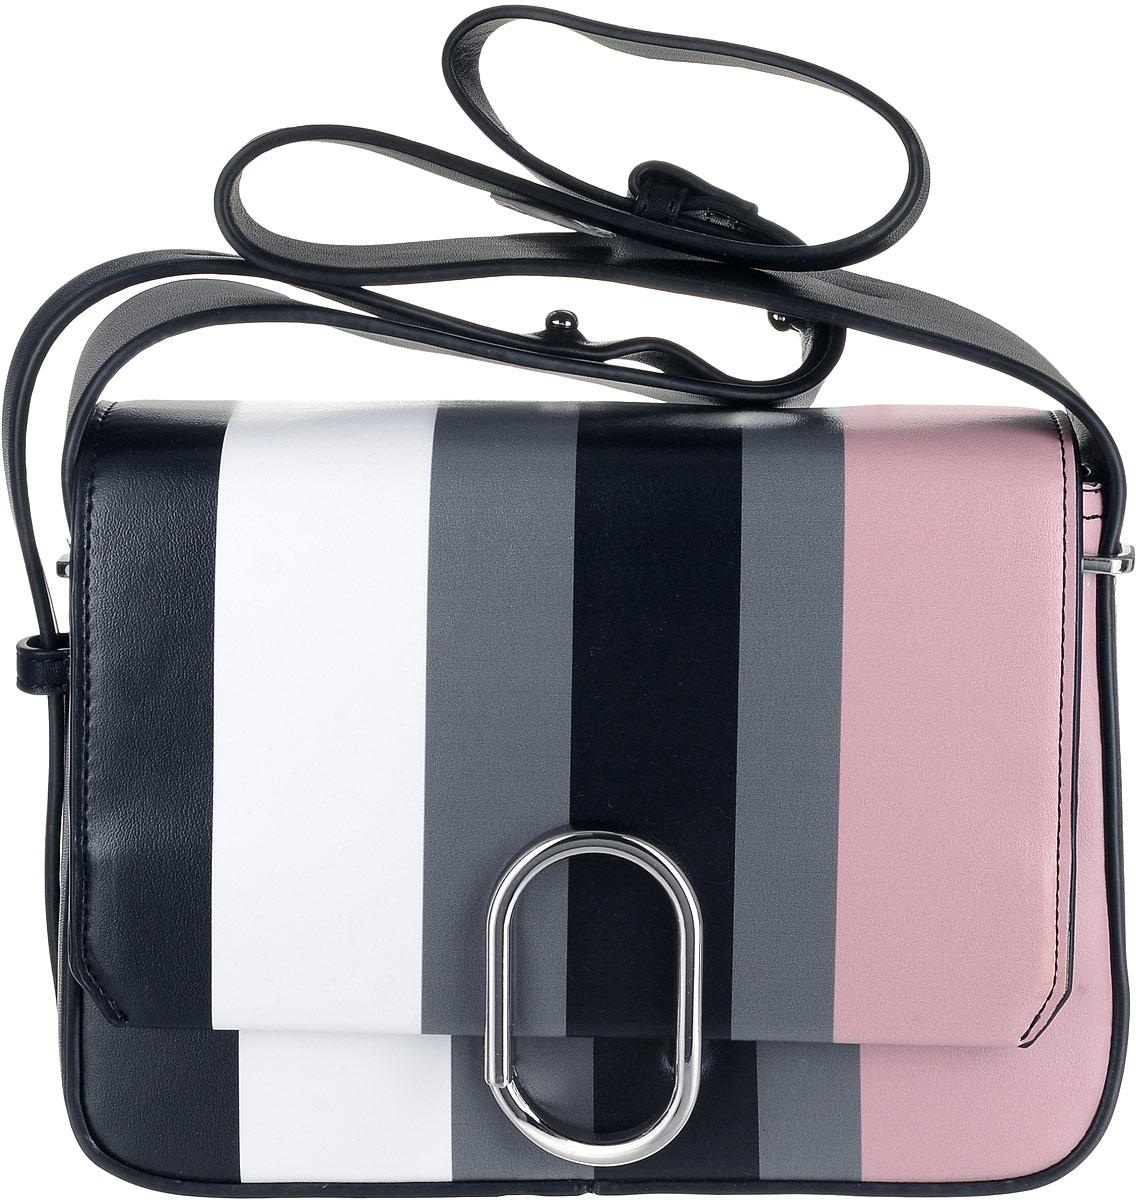 Сумка женская OrsOro, цвет: черный, белый, серый, розовый. D-026/1BM8434-58AEНеобычная женская сумочка из экокожи от OrsOro имеет одно отделение прикрытое клапаном на нестандартном фурнитурном металлическом фиксаторе, внутри отделения находится карман на молнии. Снаружи изделия имеется плоский задний карман на магните. Сумка необычного дизайнерского решения снабжена пришитым наплечным ремнем ассиметричной толщины который регулируется по длине.